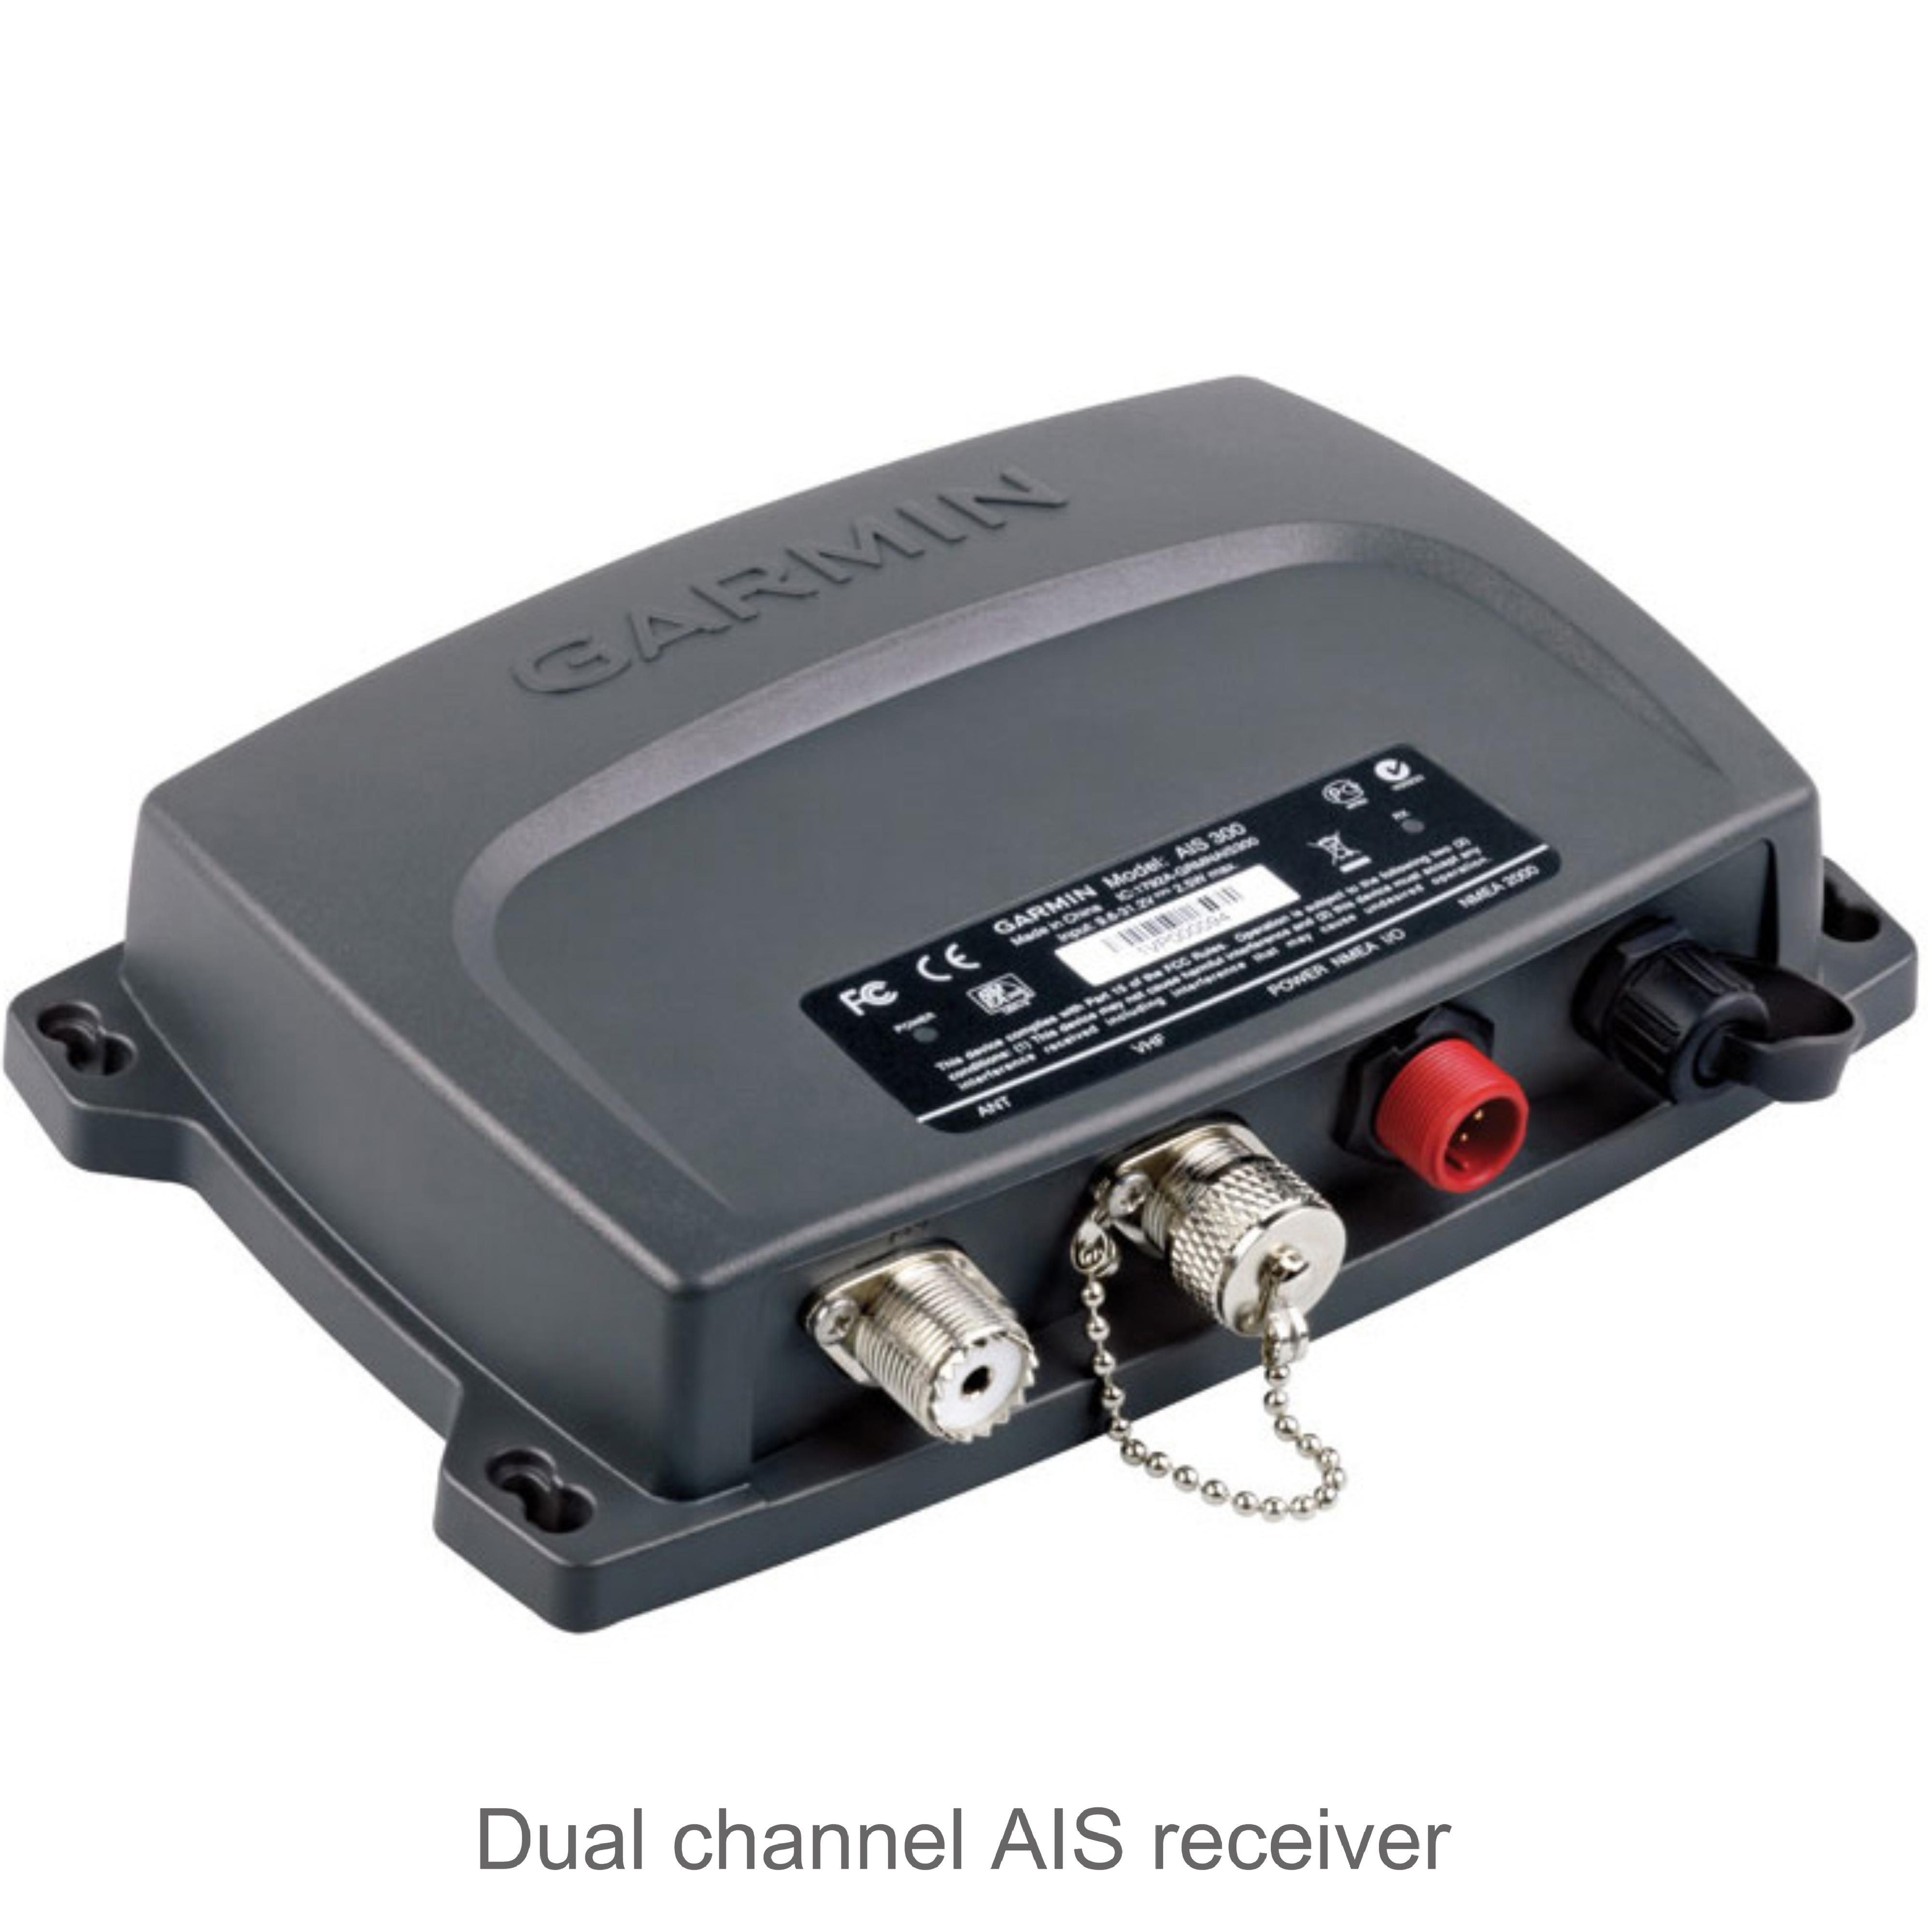 Garmin AIS 300 Class B AIS Receiver | Dual Channel | NMEA 2000 Compatible |  For Marine